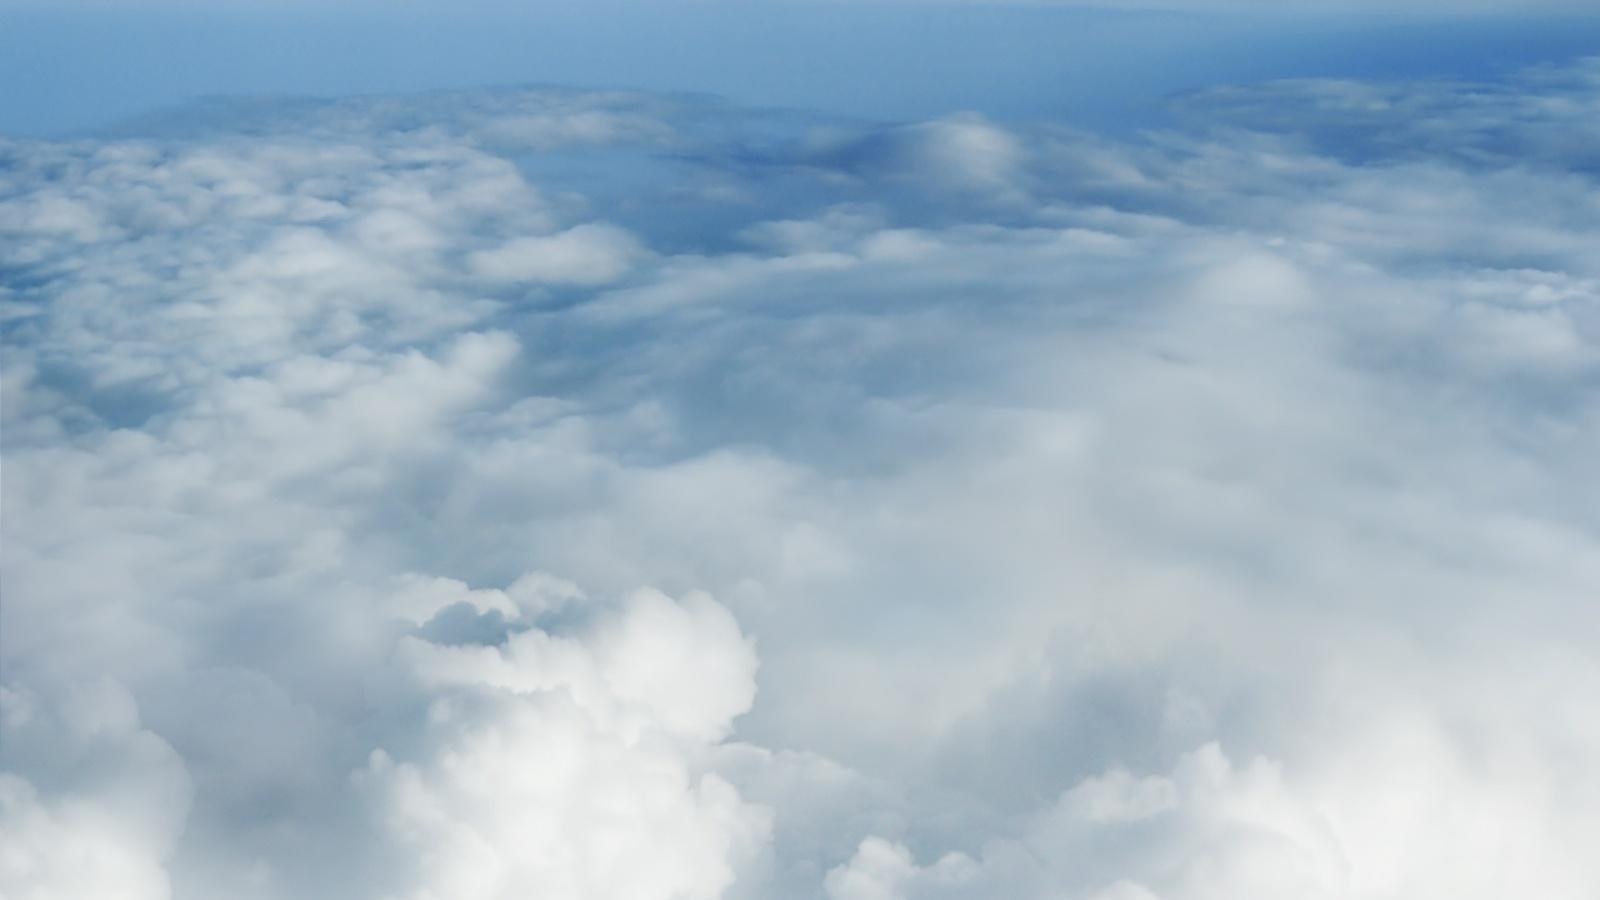 Cloud Background Wallpaper Desktop Design HD Wallpaper 1600x900